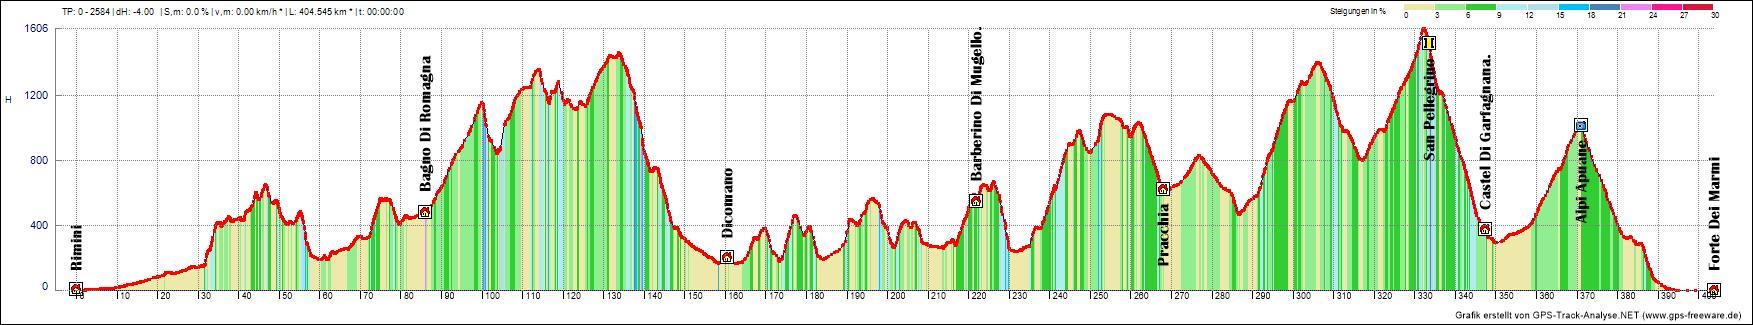 Höhenprofil Transapennin Da Mare a Mare ALPStours